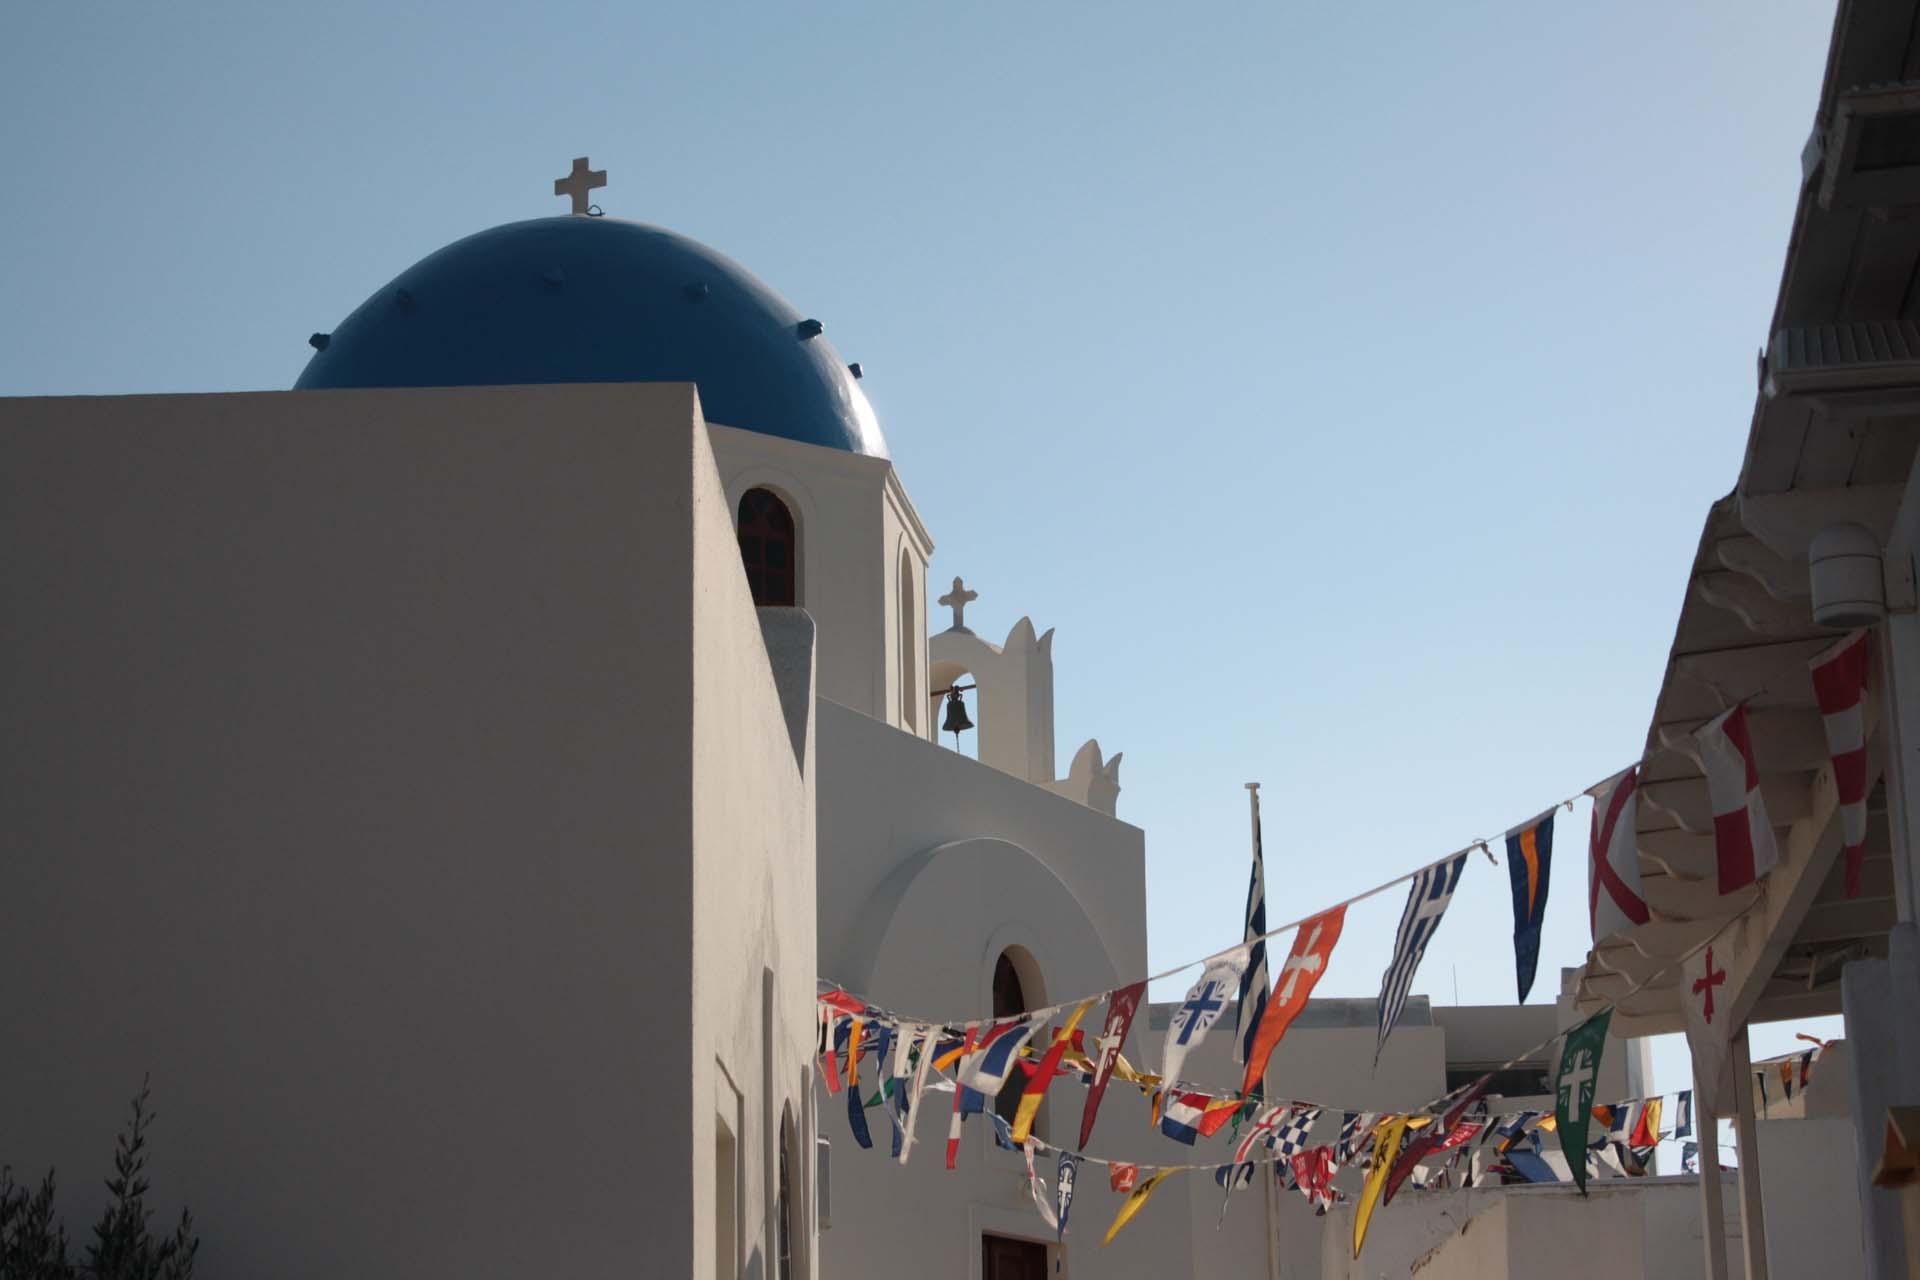 Eglise à coupole bleue à Santorin avec drapeaux